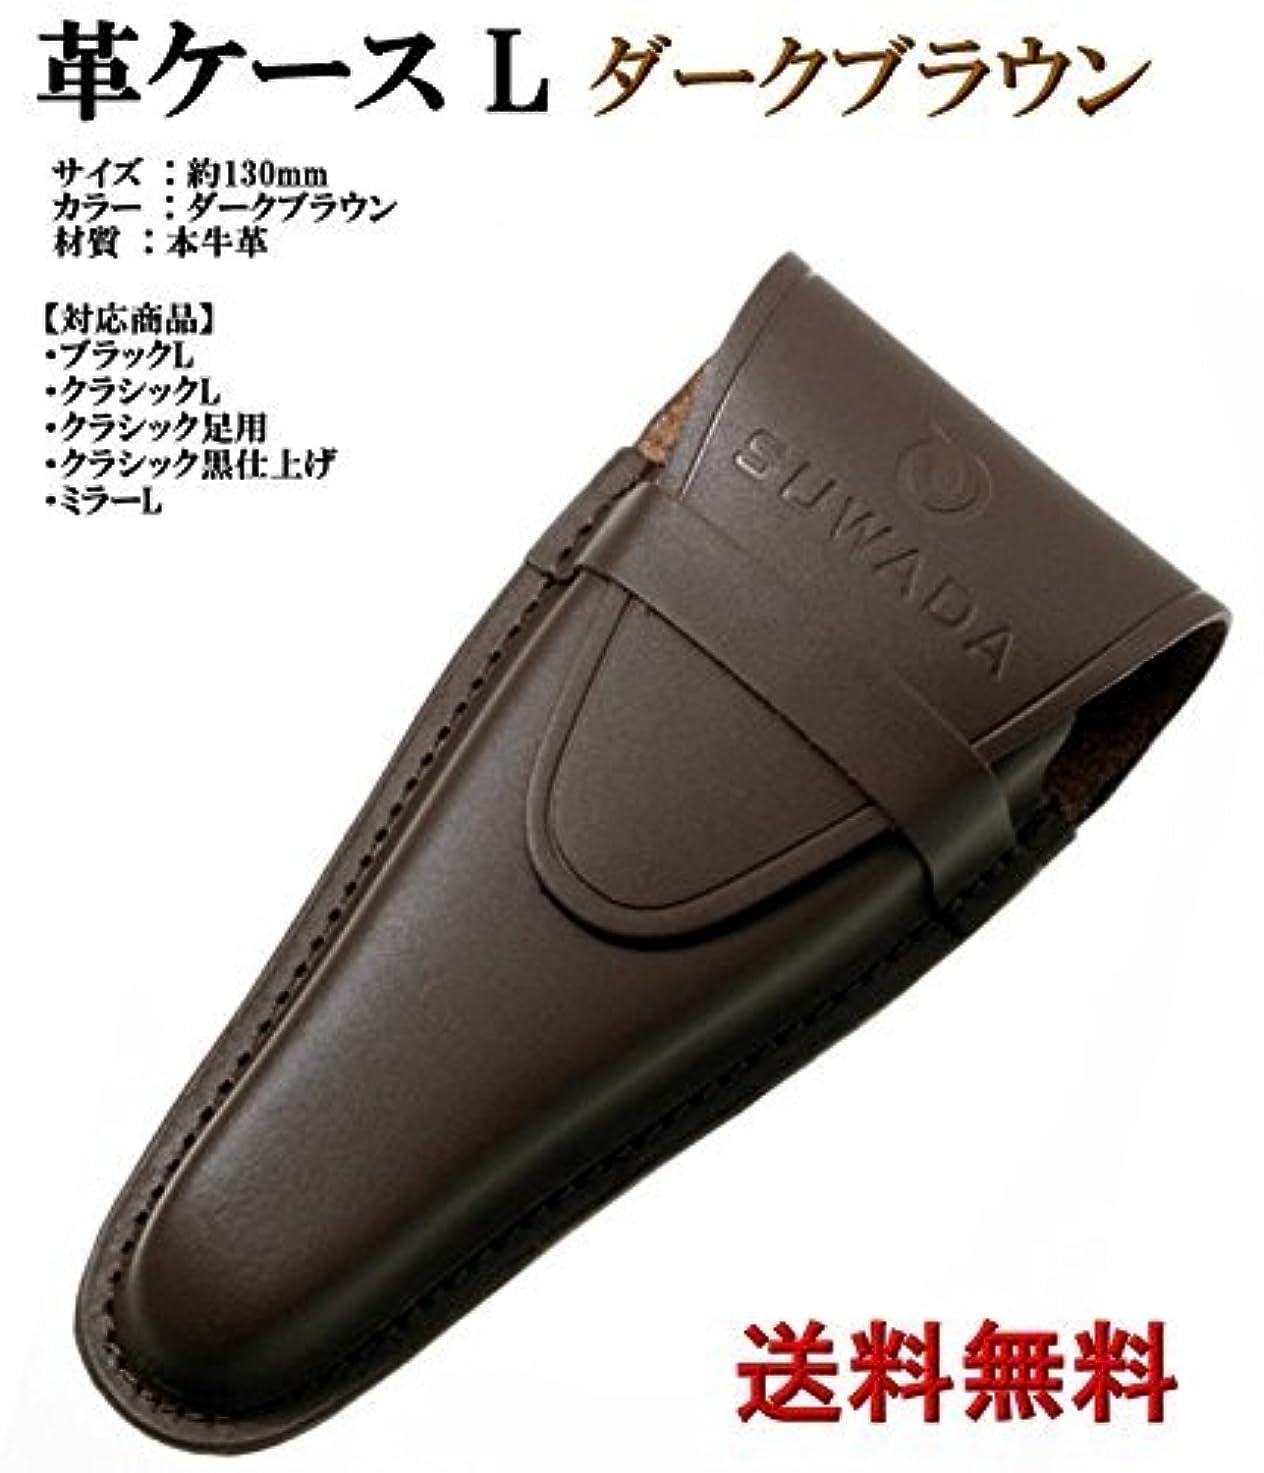 理容室厄介なピクニックSUWADA 爪きり用本革ケースL